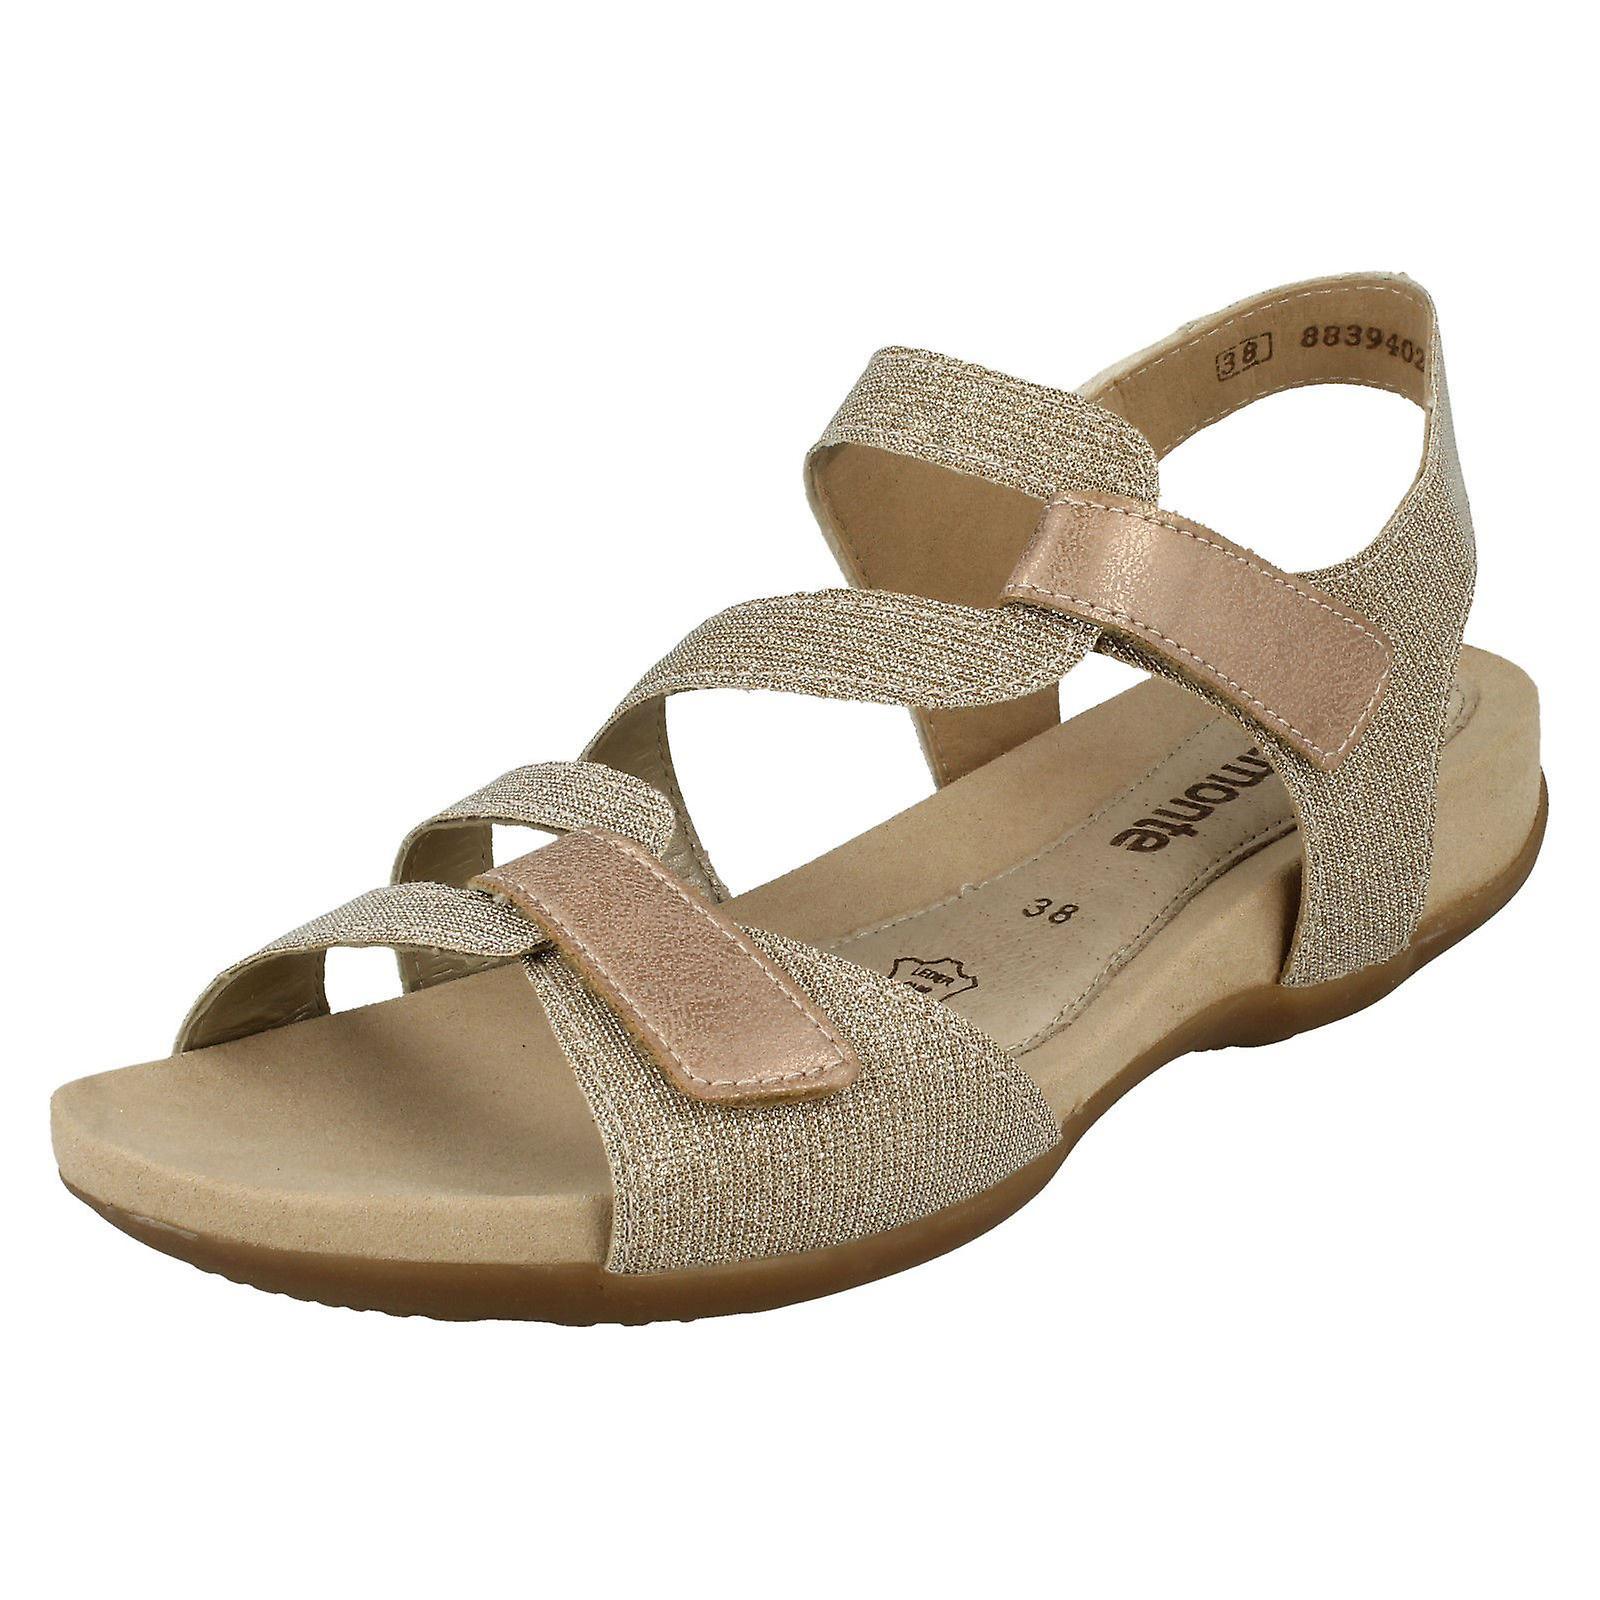 Ladies Remonte Flat Sandals R3259 Fq6AQ